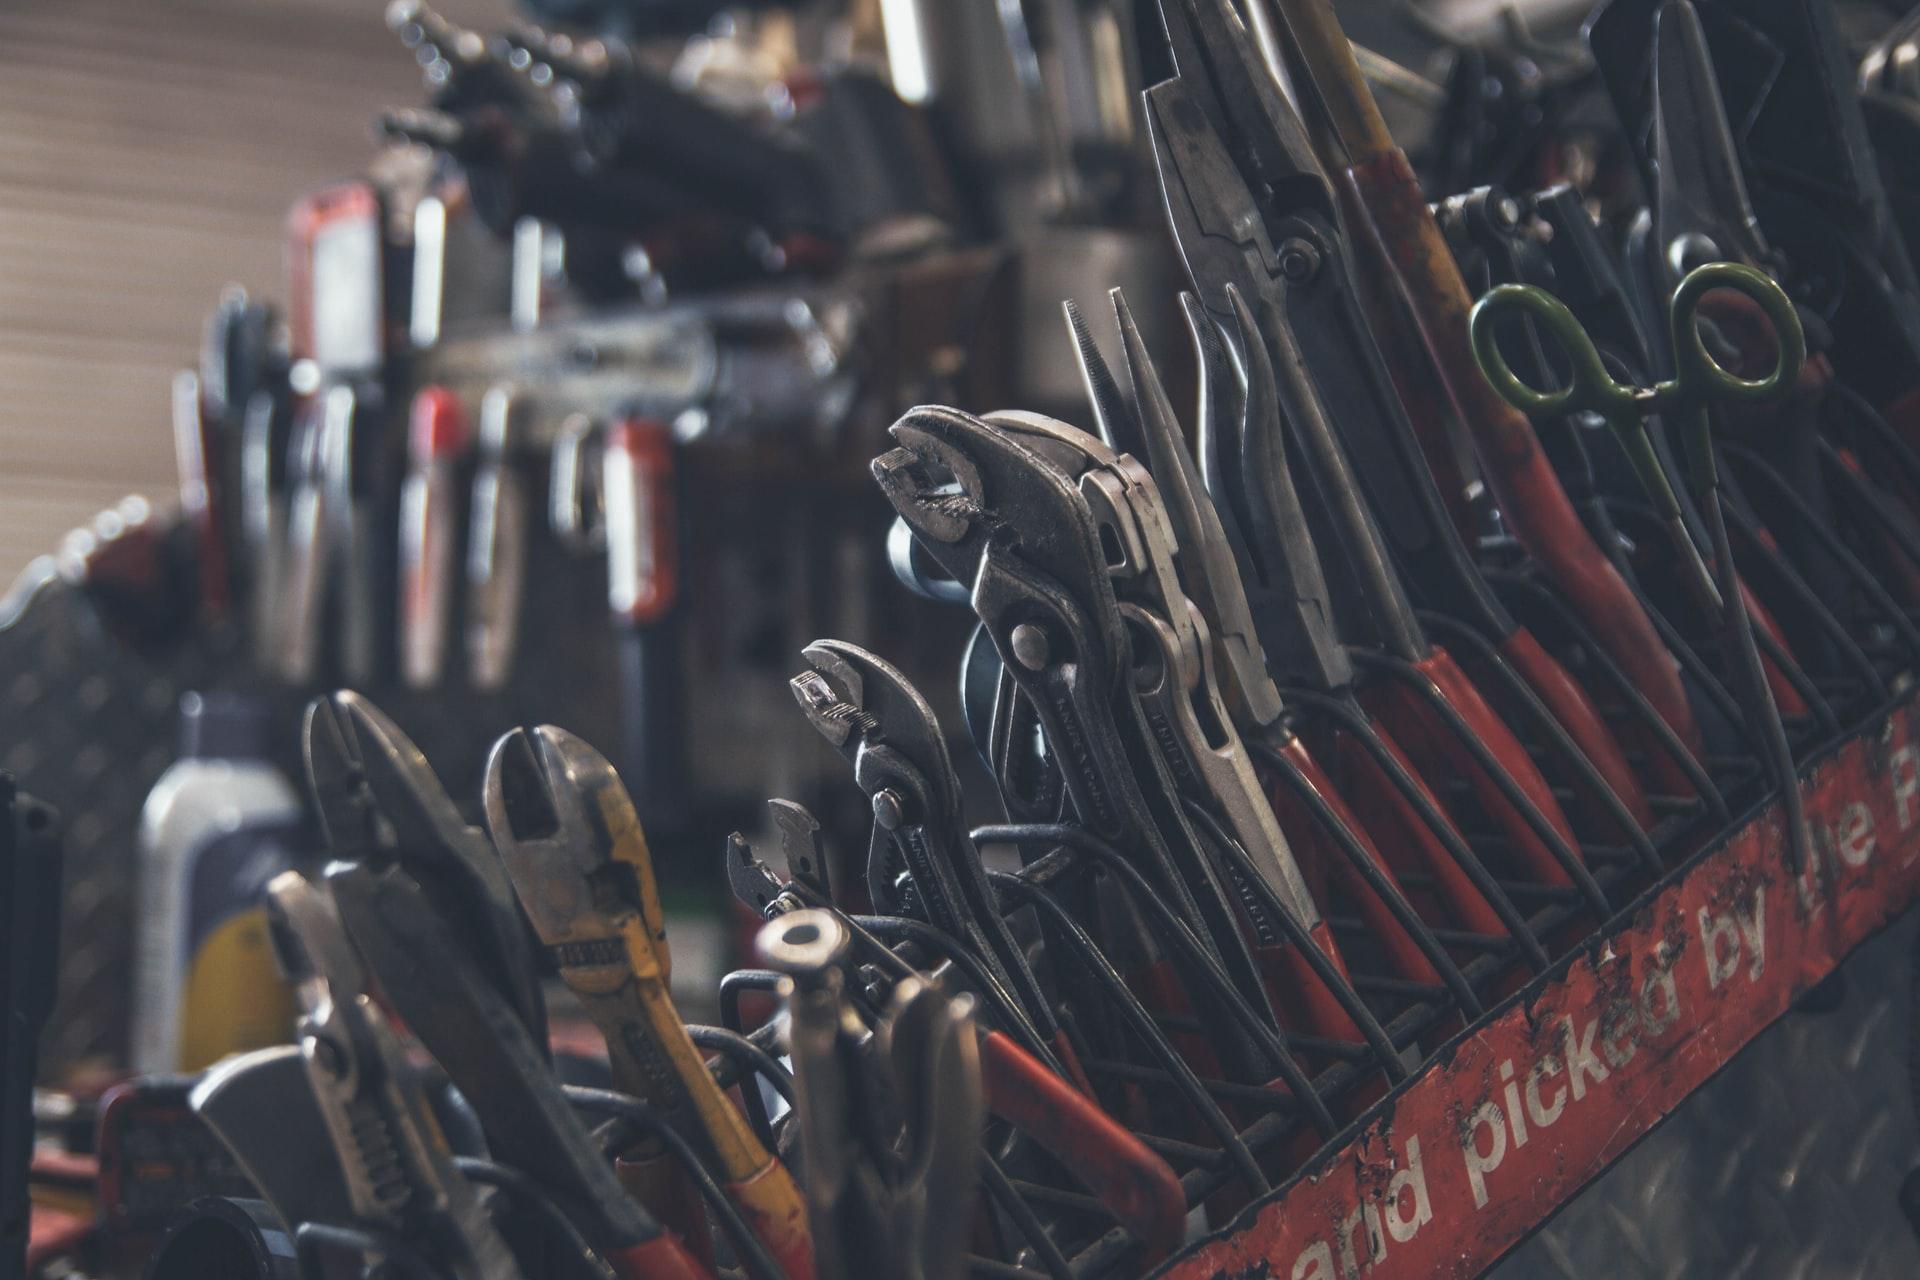 general handy work tools